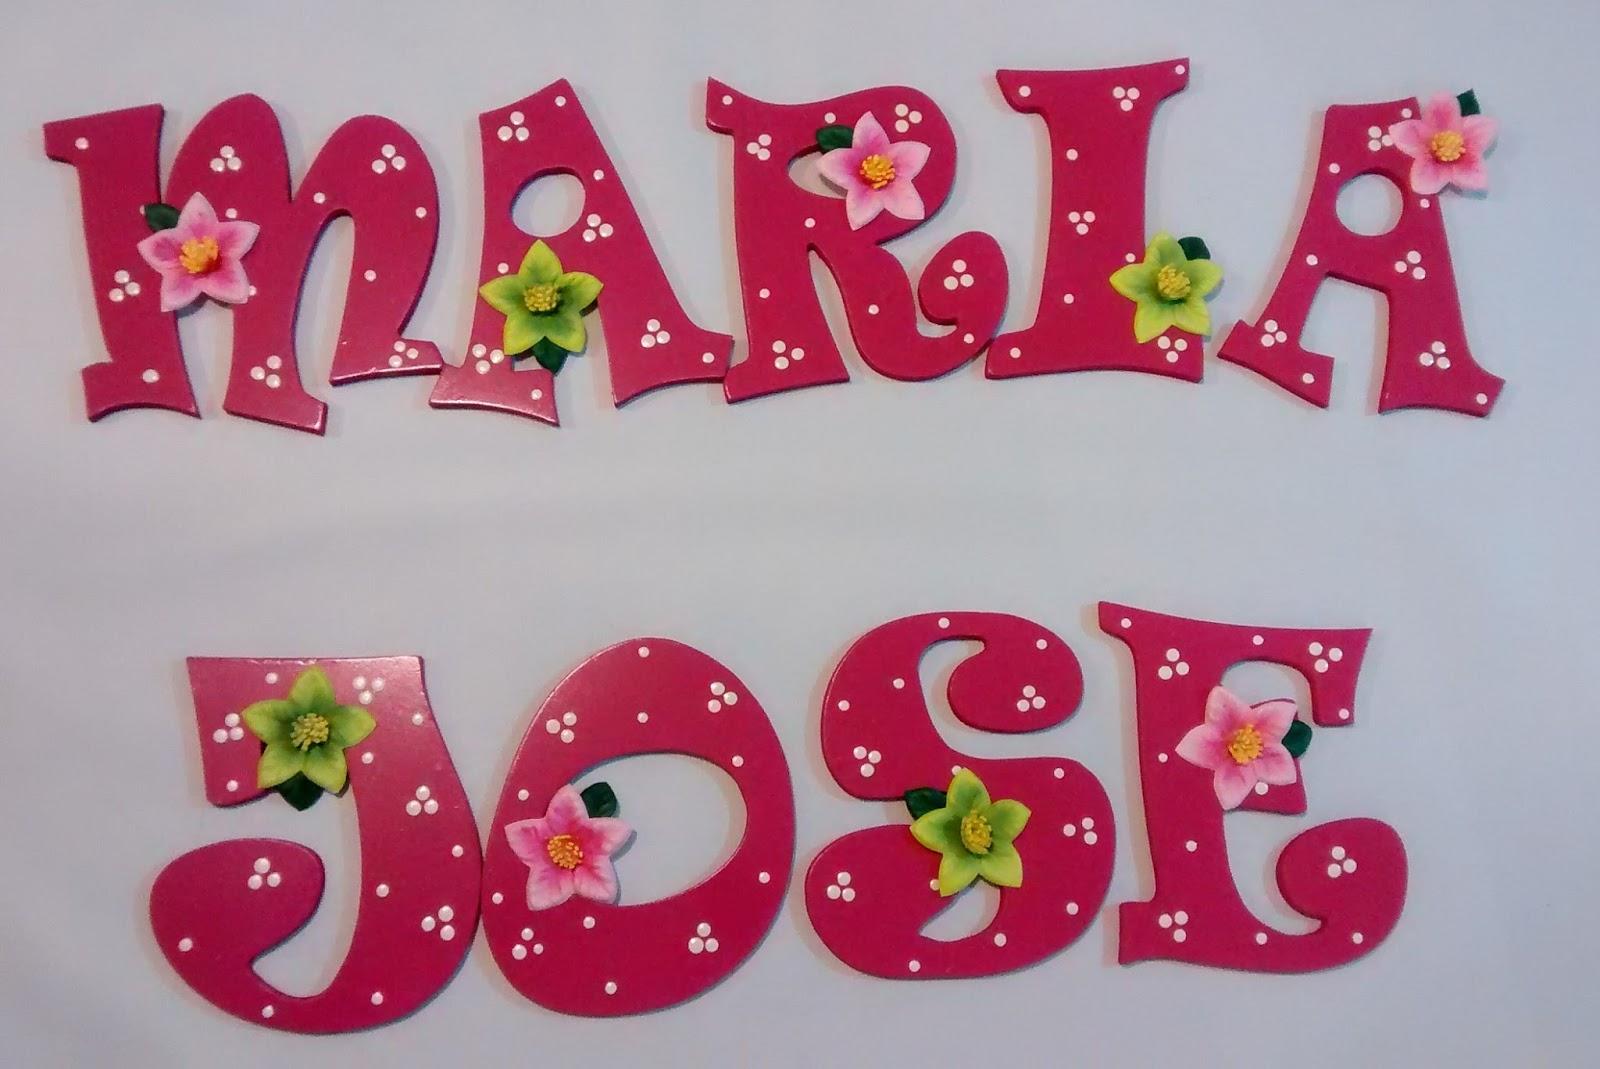 Galeria arte y dise o madekids letras en mdf - Letras para habitaciones infantiles ...